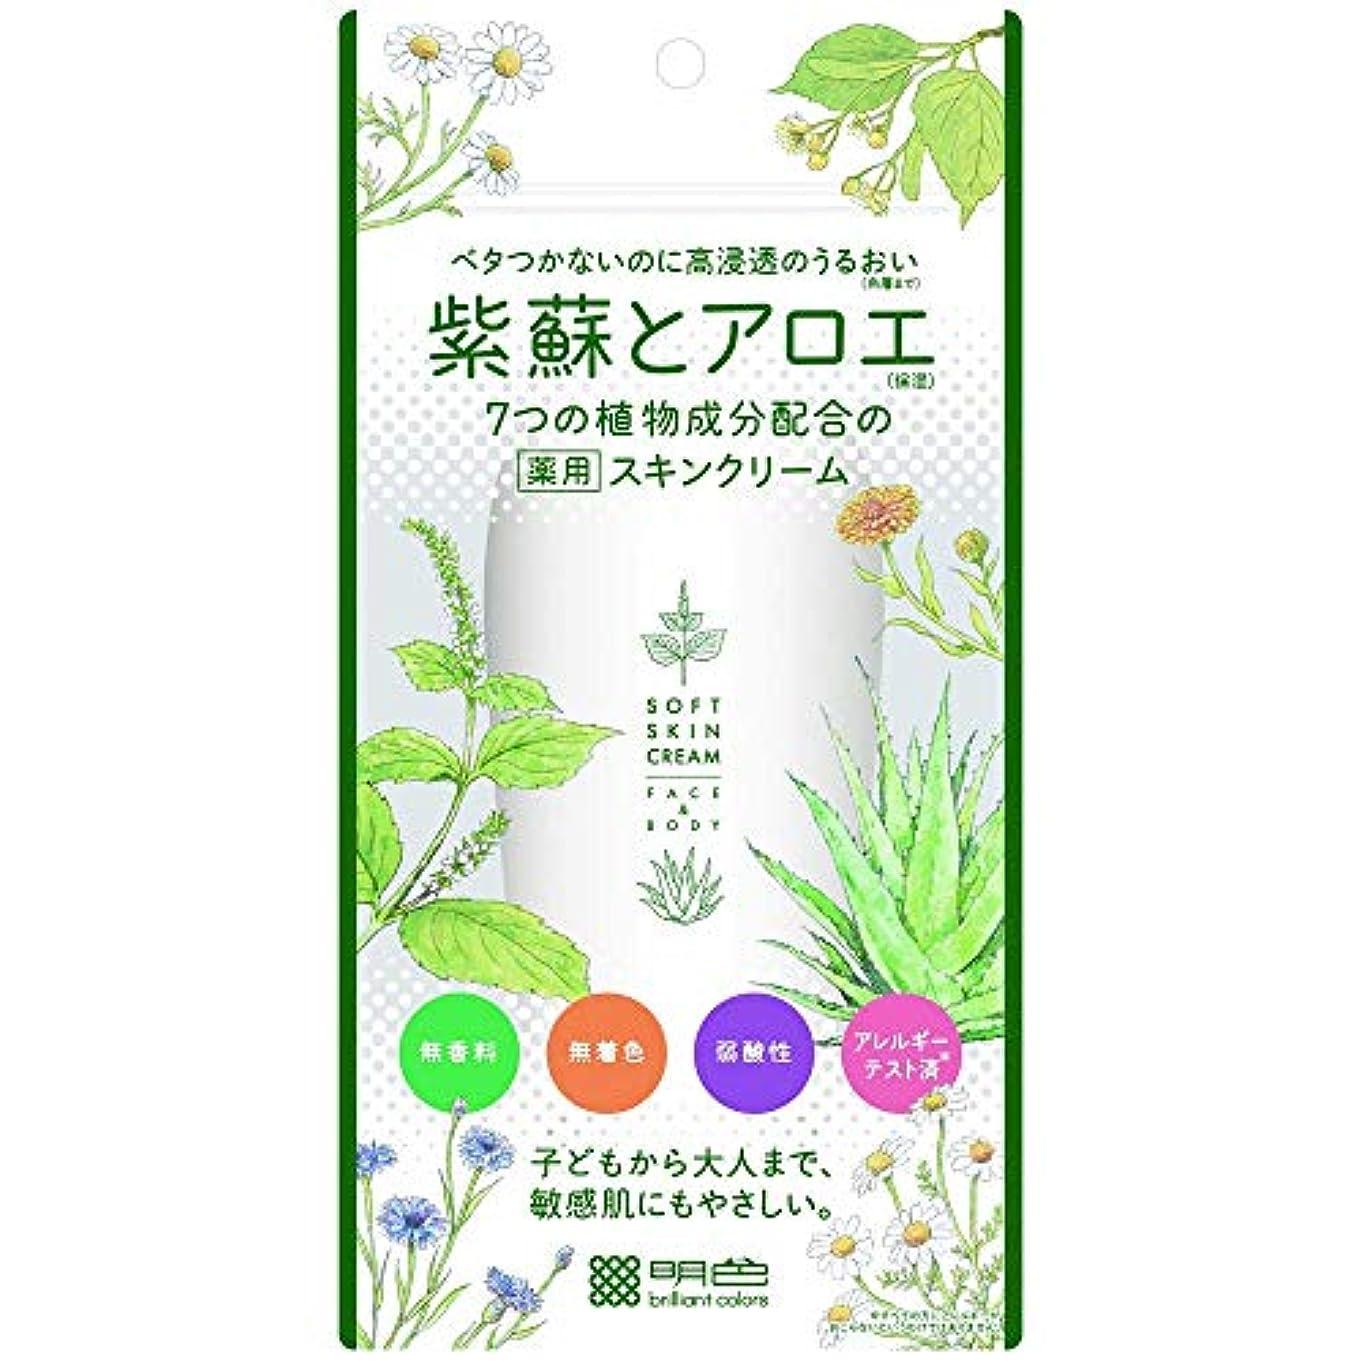 ショット肥料一時停止【5個セット】紫蘇とアロエ 薬用スキンクリーム 190g